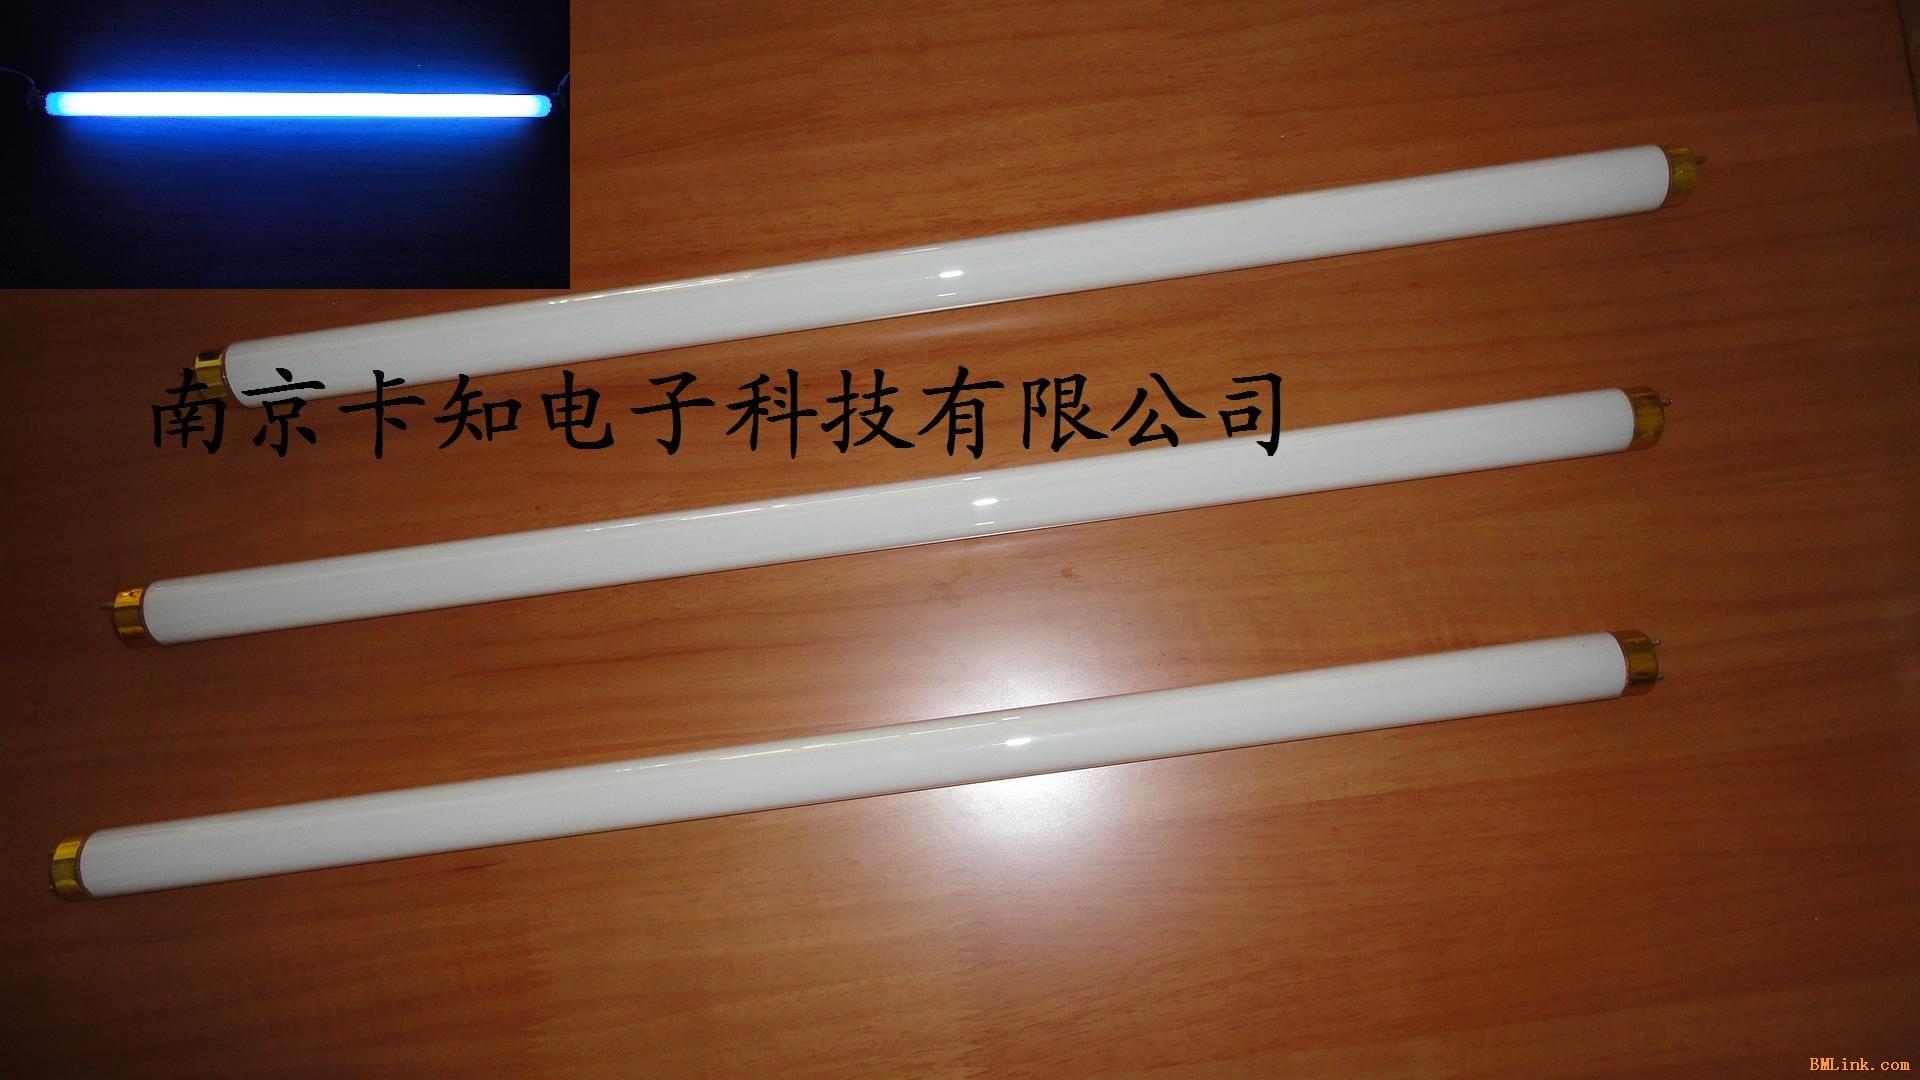 厂家生产销售医用蓝光灯管,兰光灯管,黄疸灯管